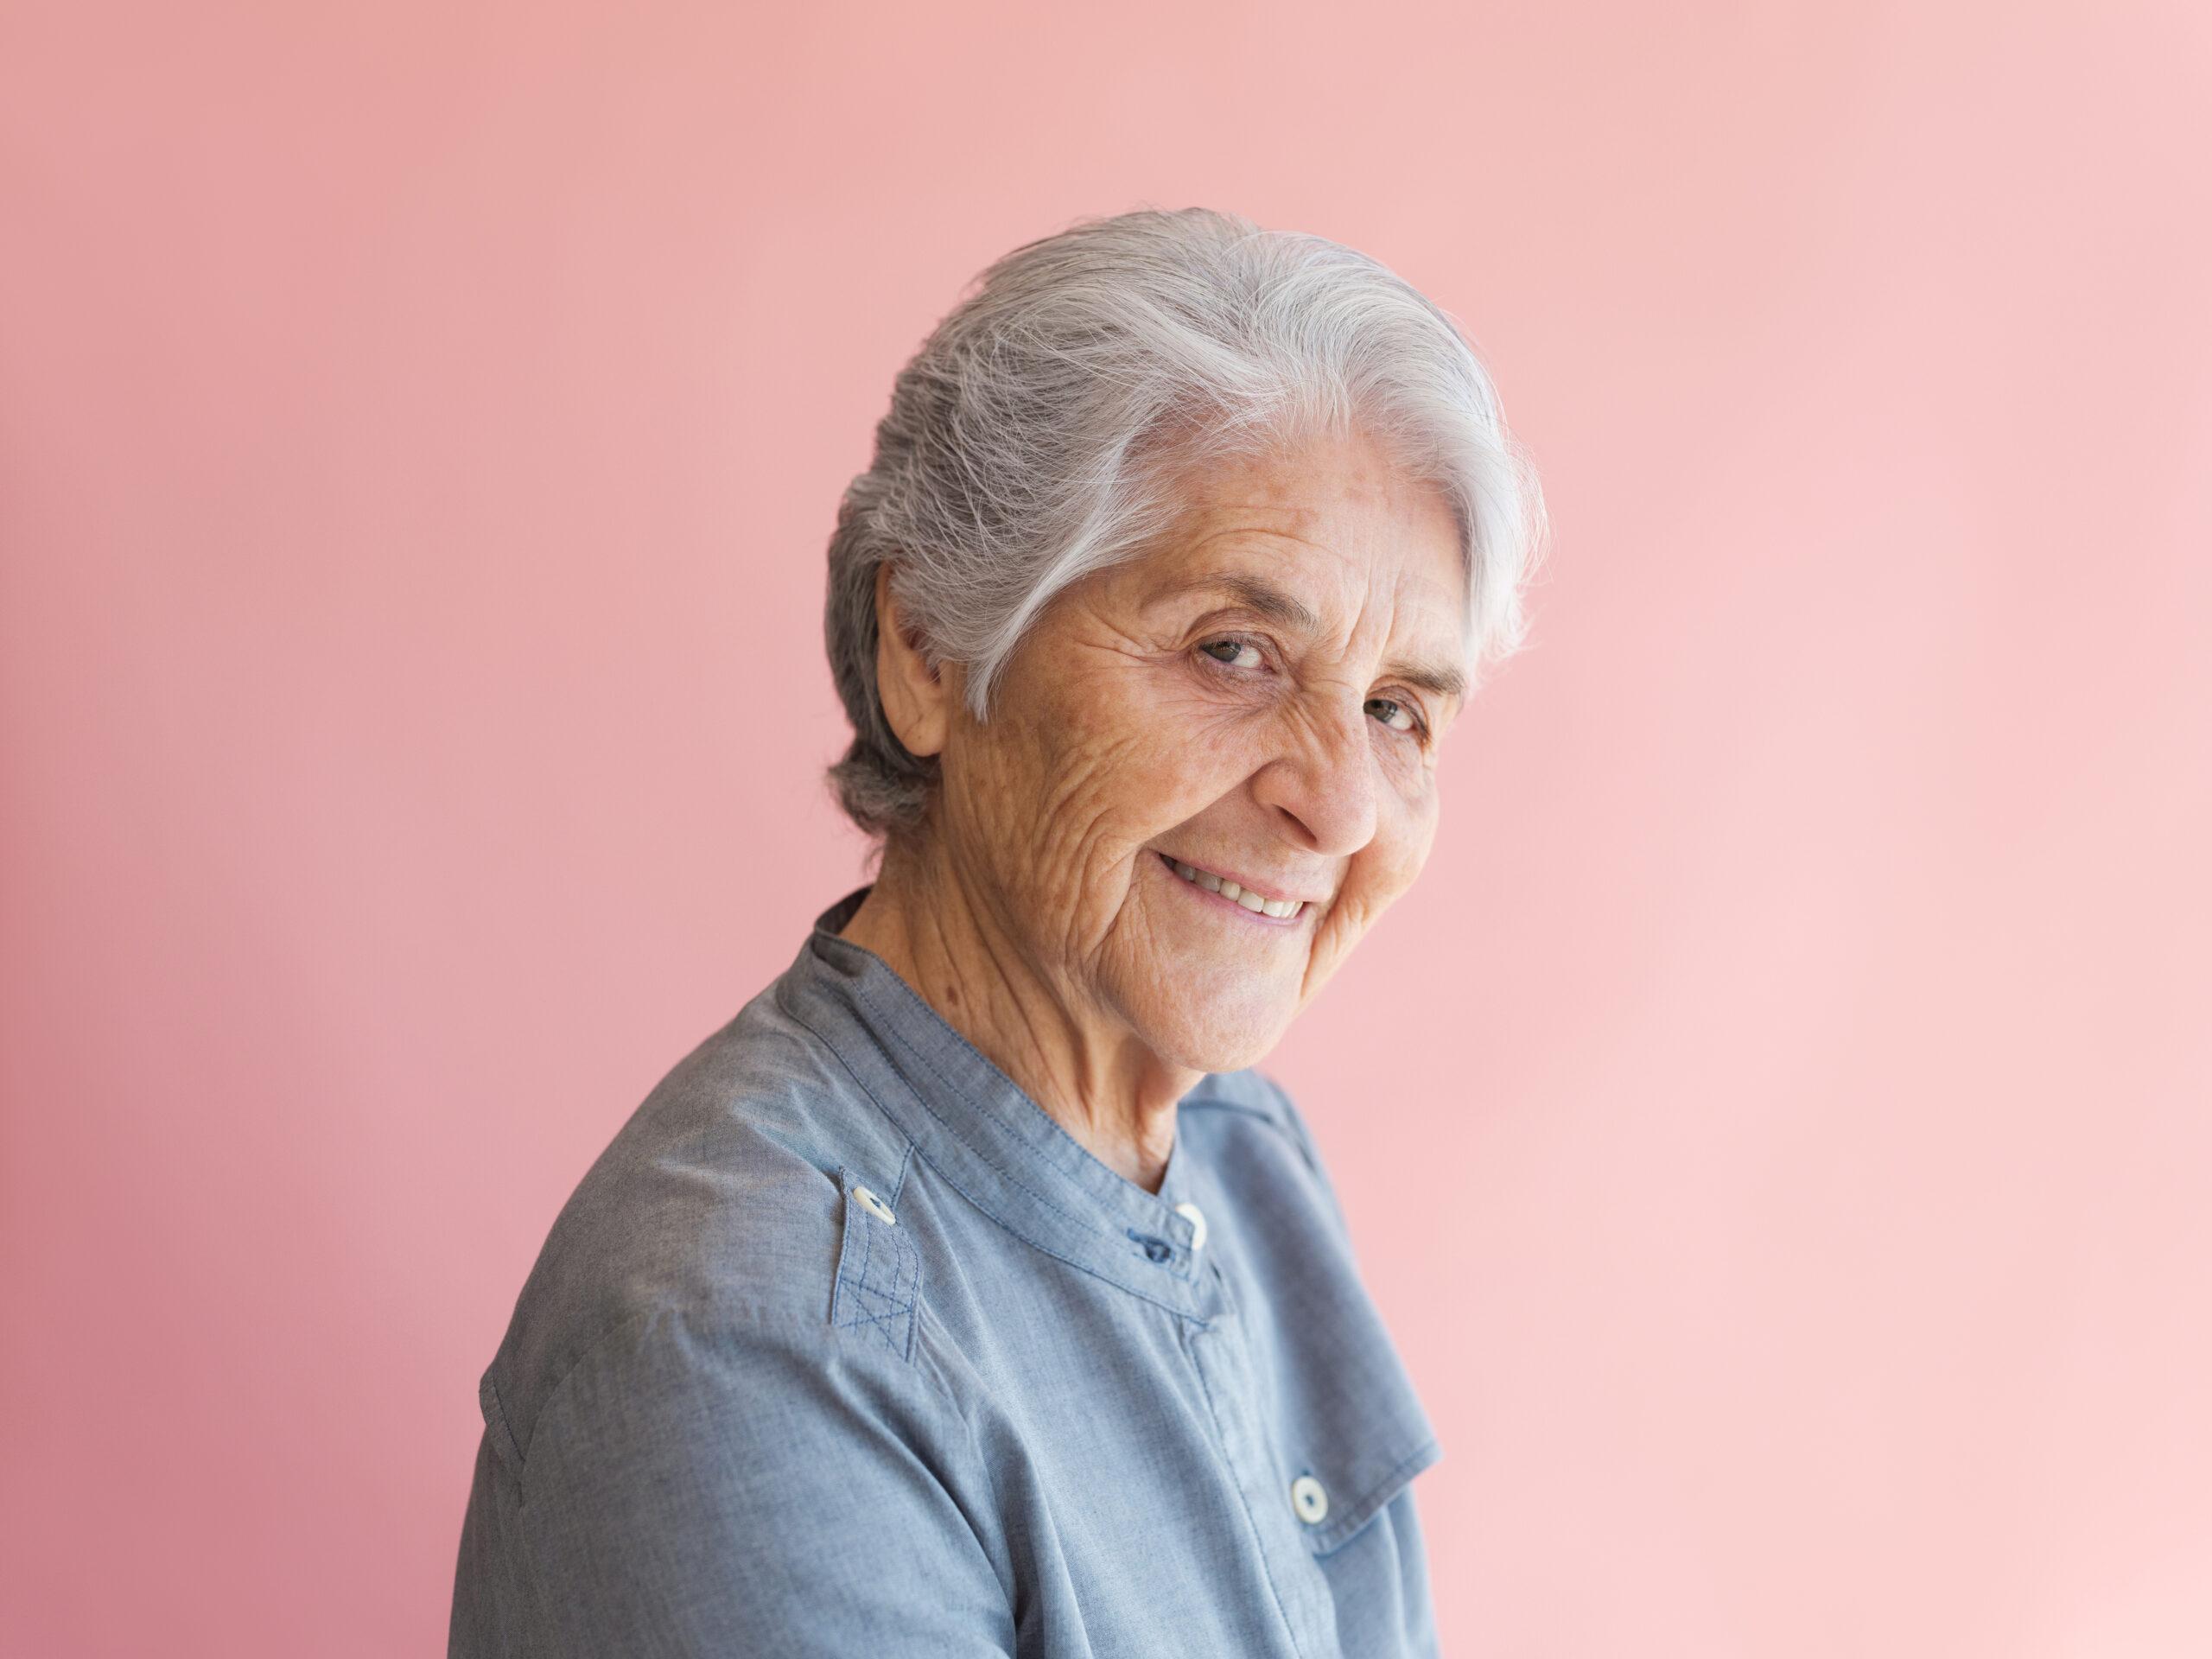 Wat is ouderdomsjeuk?